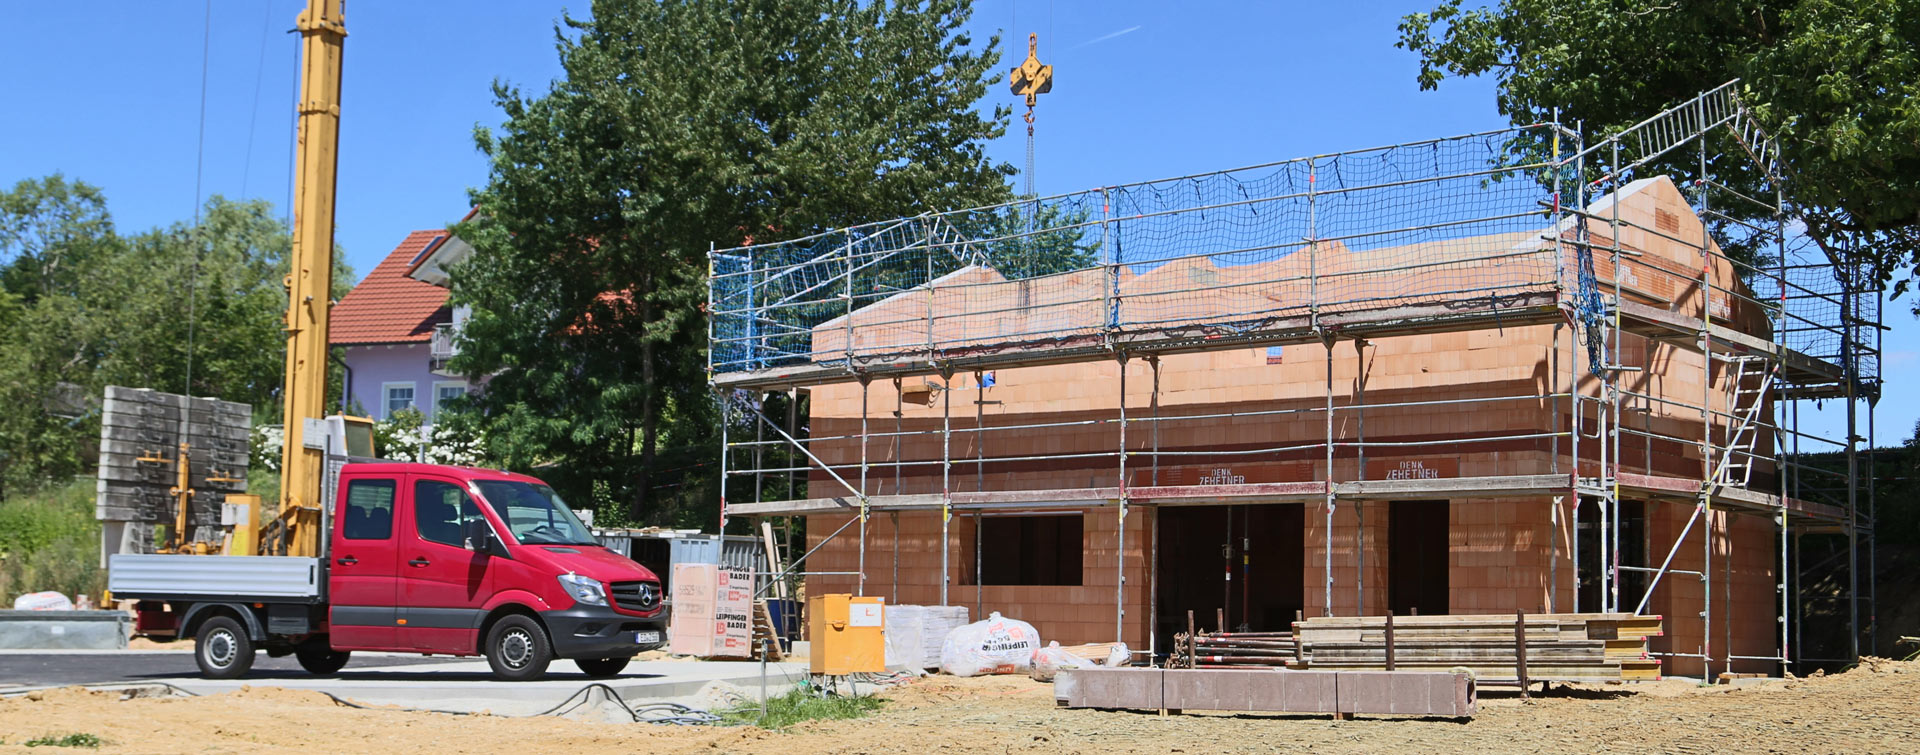 Planung und Bau von Häusern bei der Zehetner GmbH